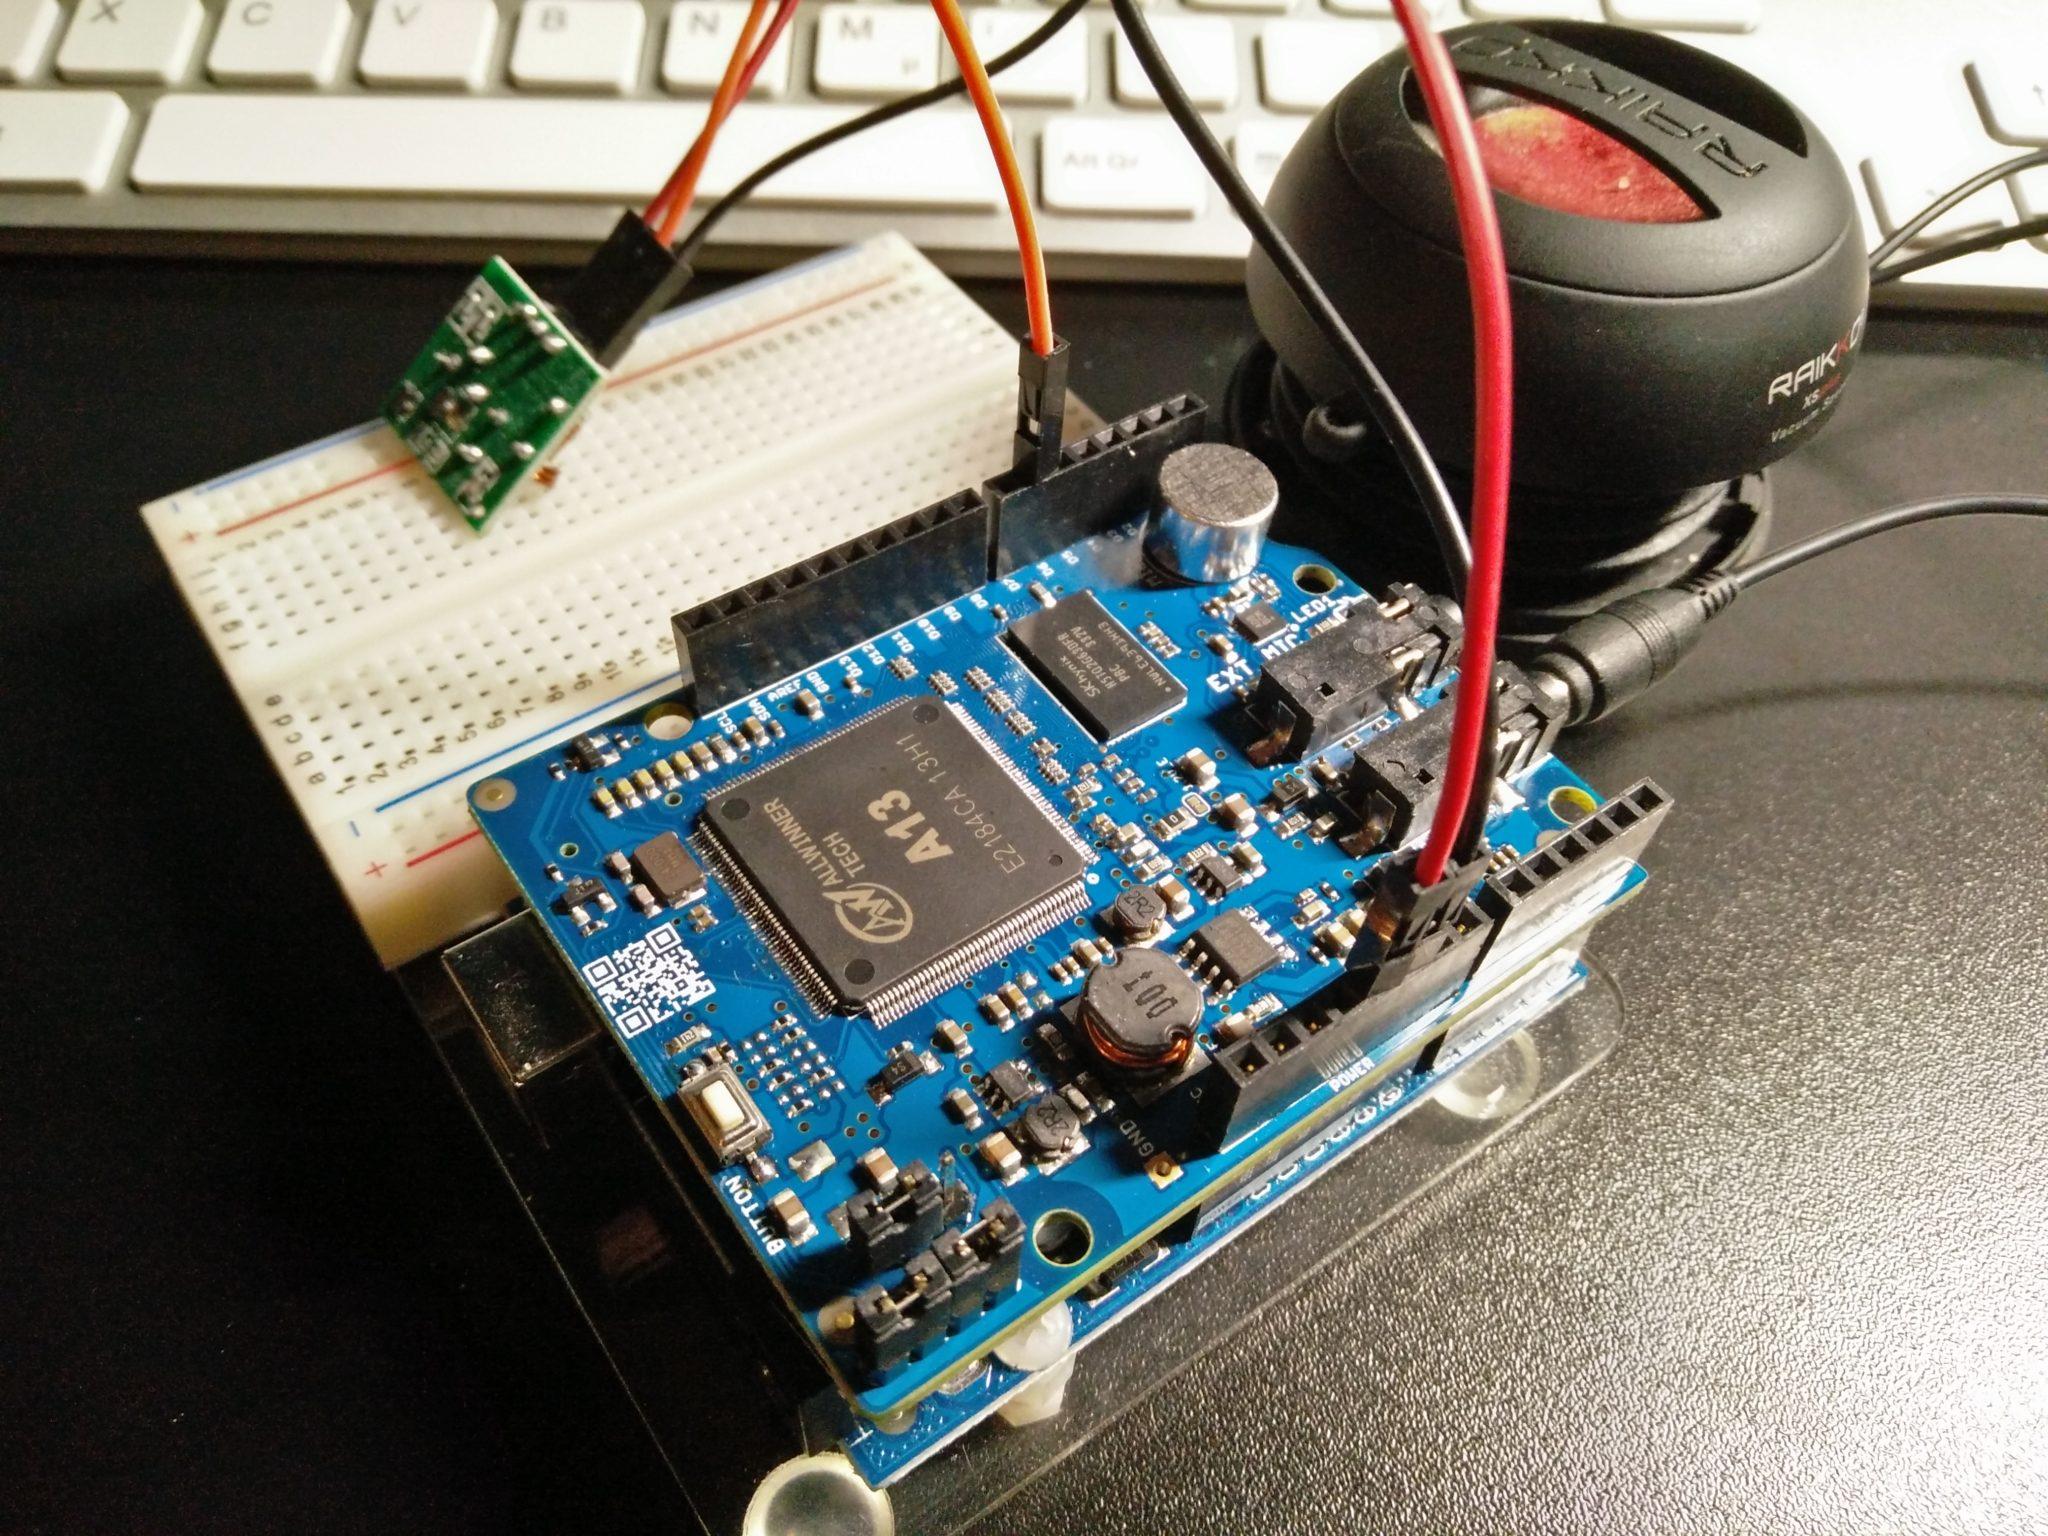 Spracherkennung mit dem Arduino